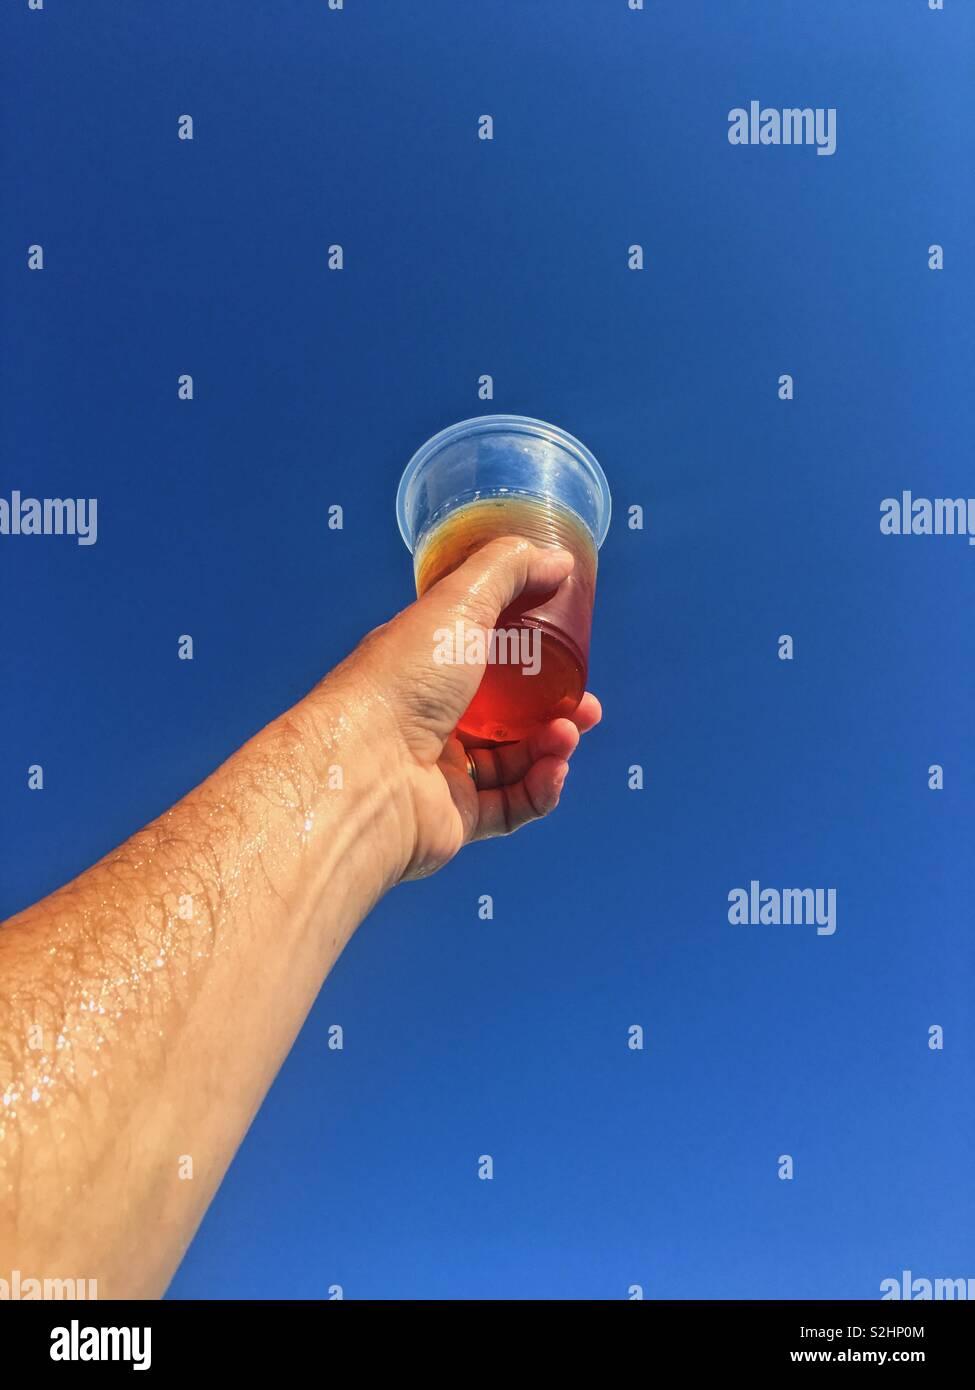 Elevar un vaso de cerveza hasta un cielo azul brillante. Imagen De Stock